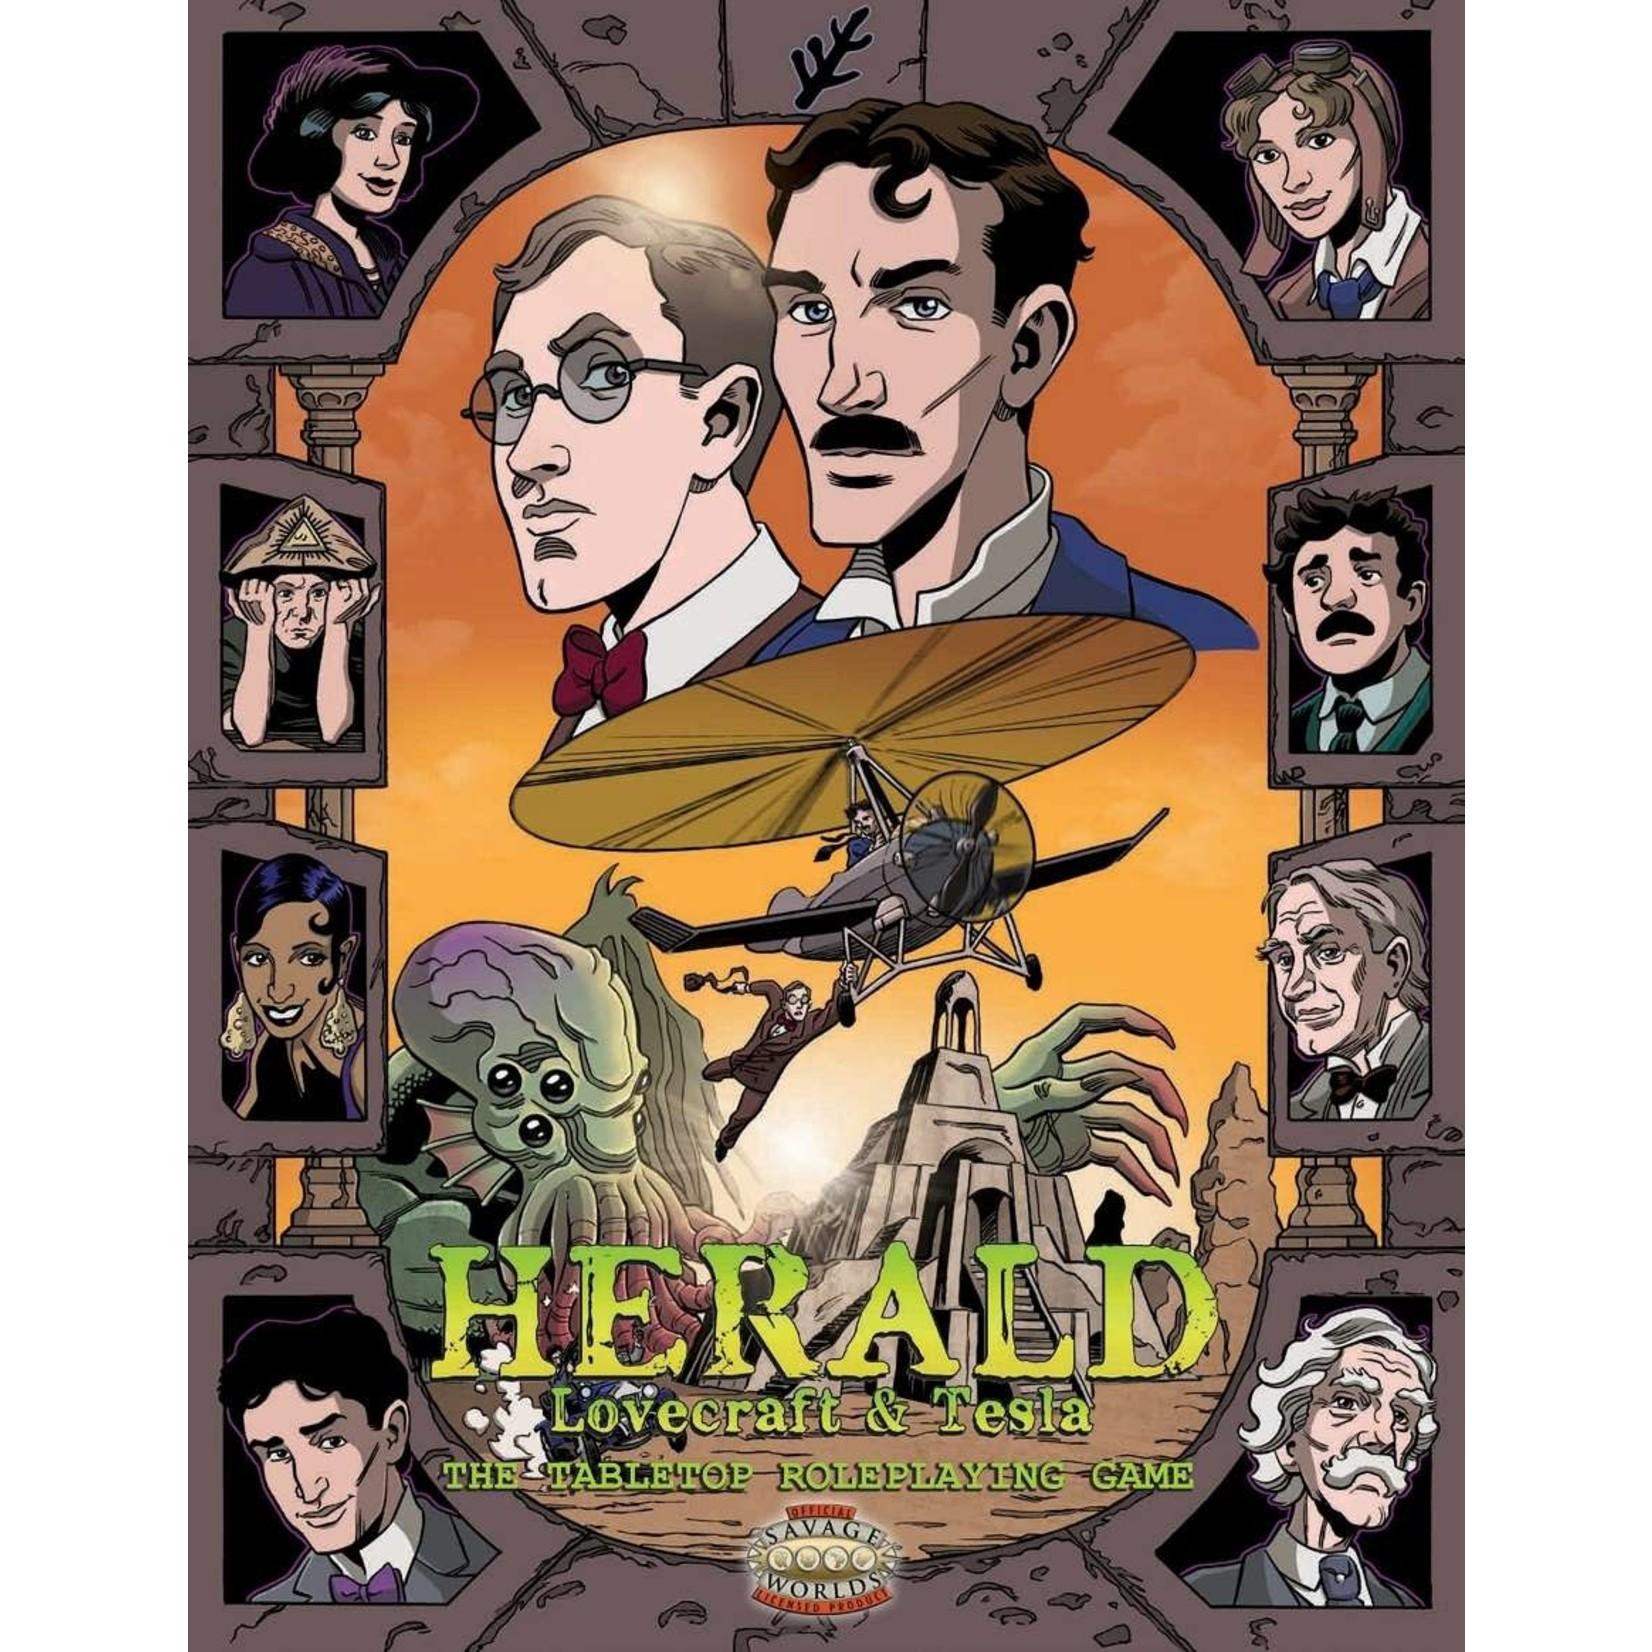 Herald: Tesla & Lovecraft RPG